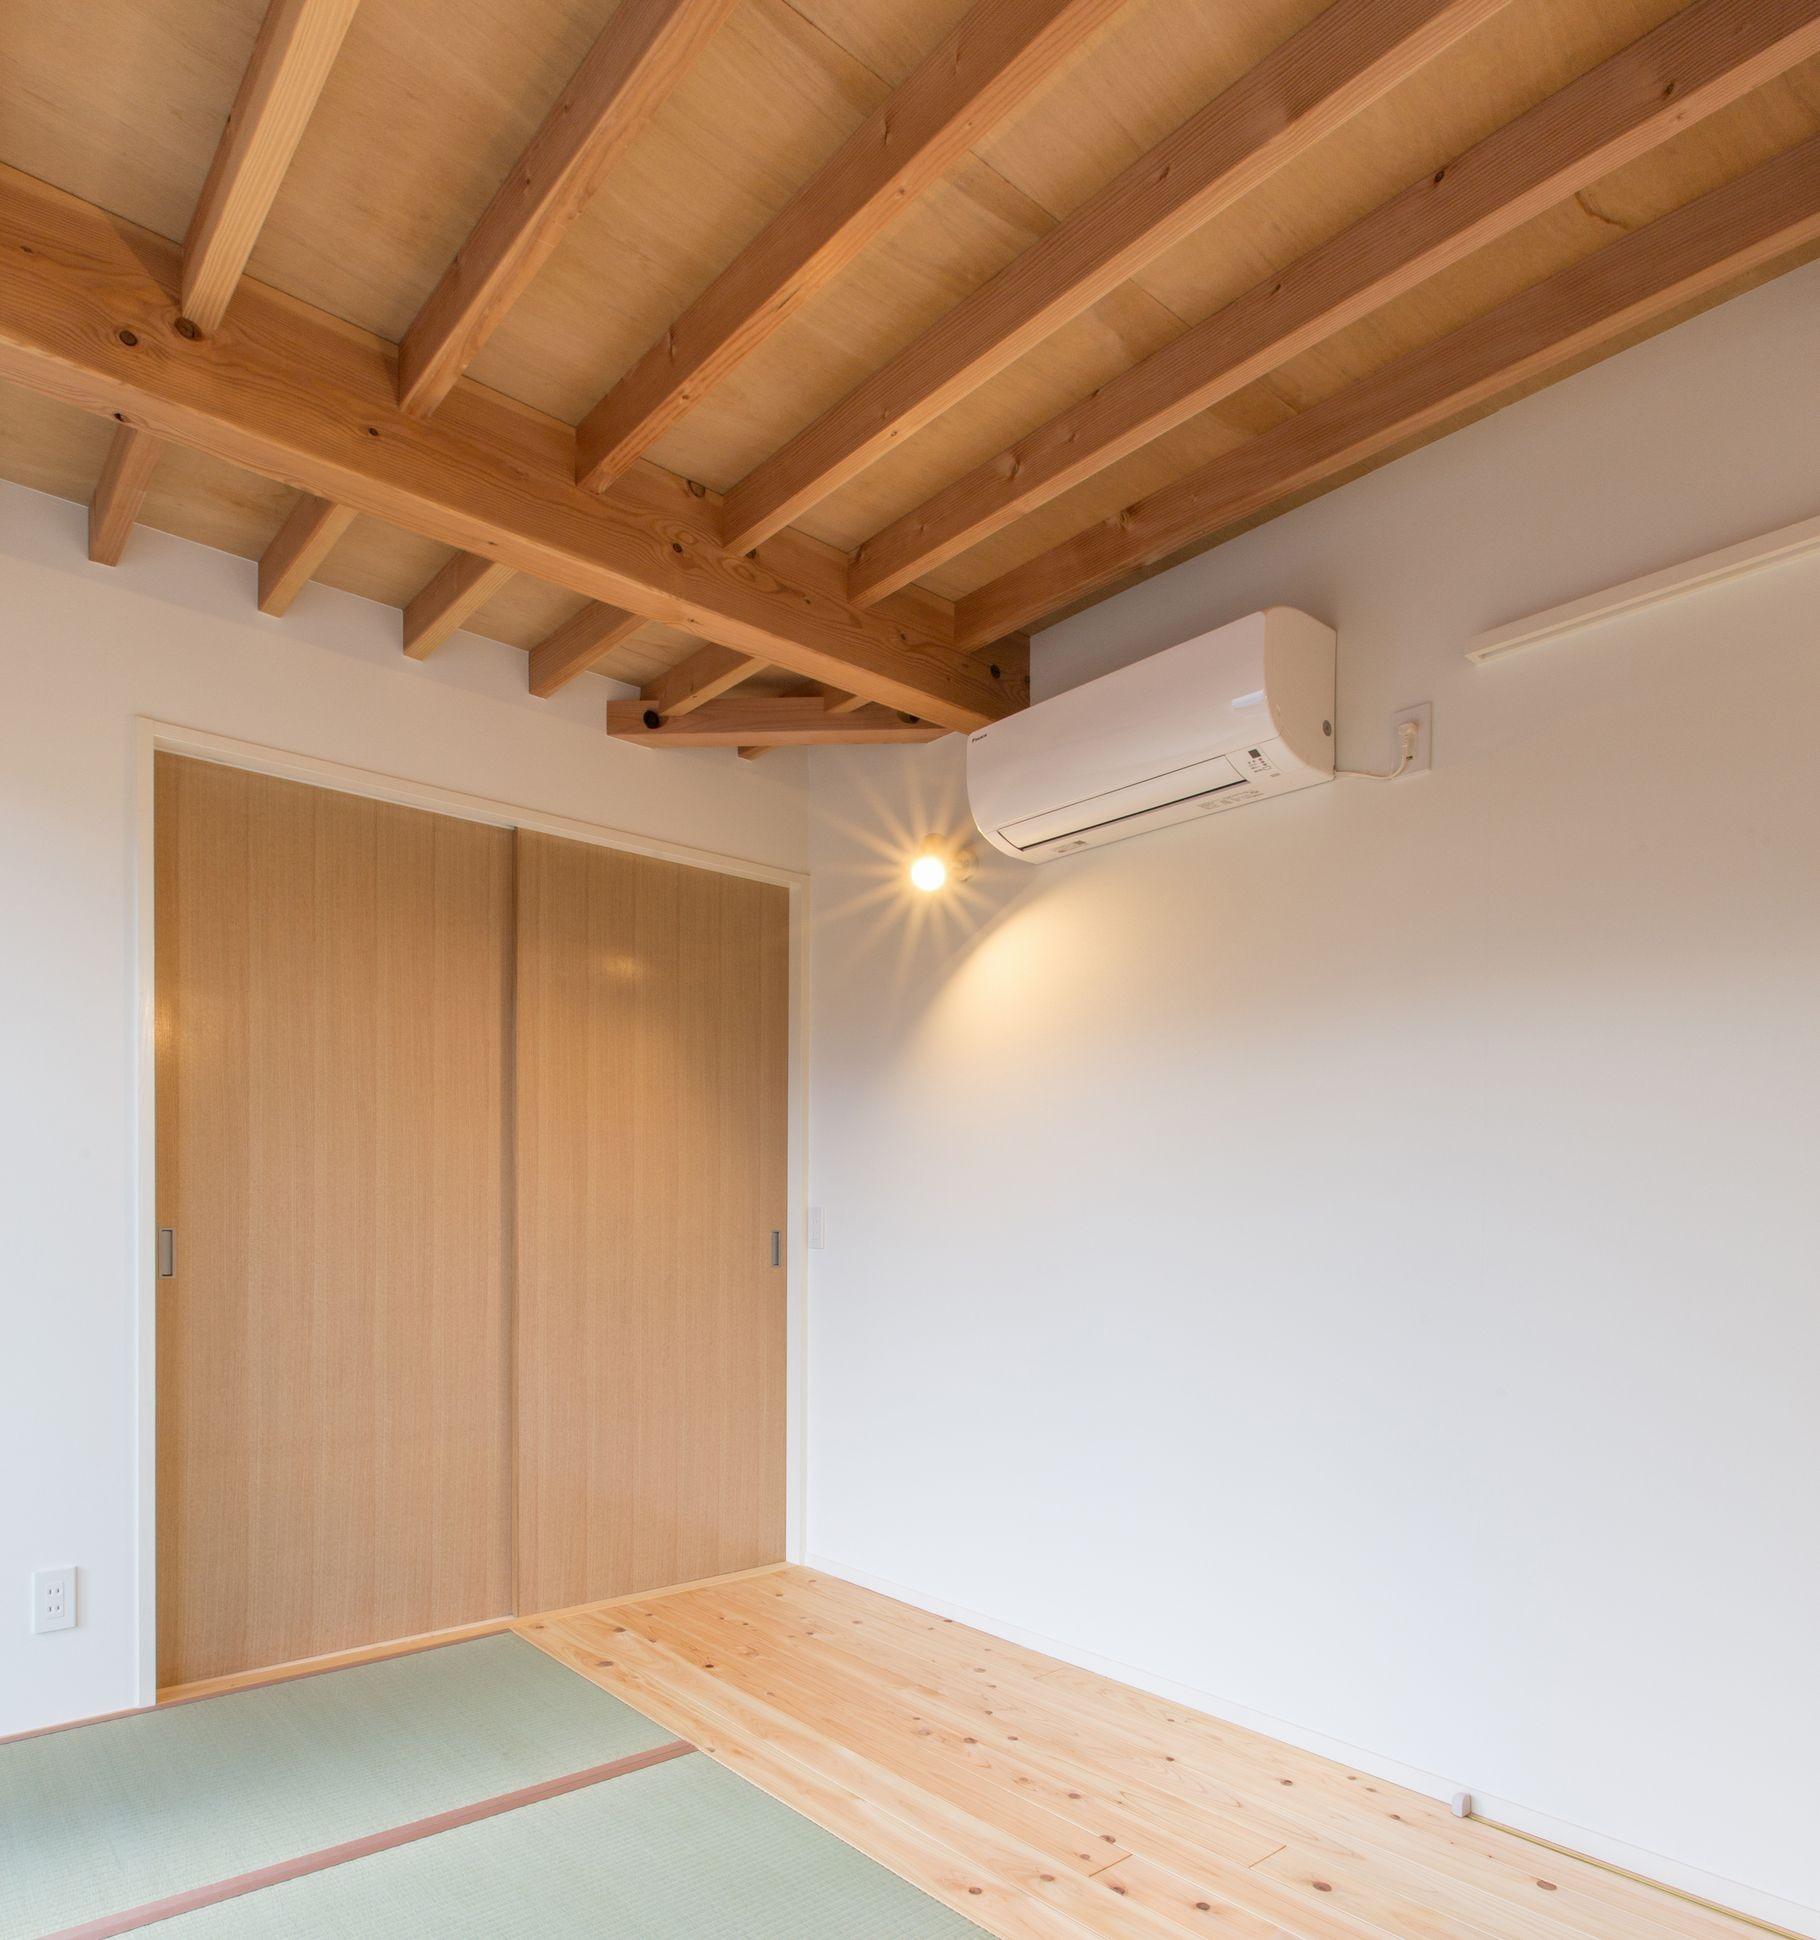 ベッドルーム事例:寝室の天井見上げ(3-BOX 1800万円の家)